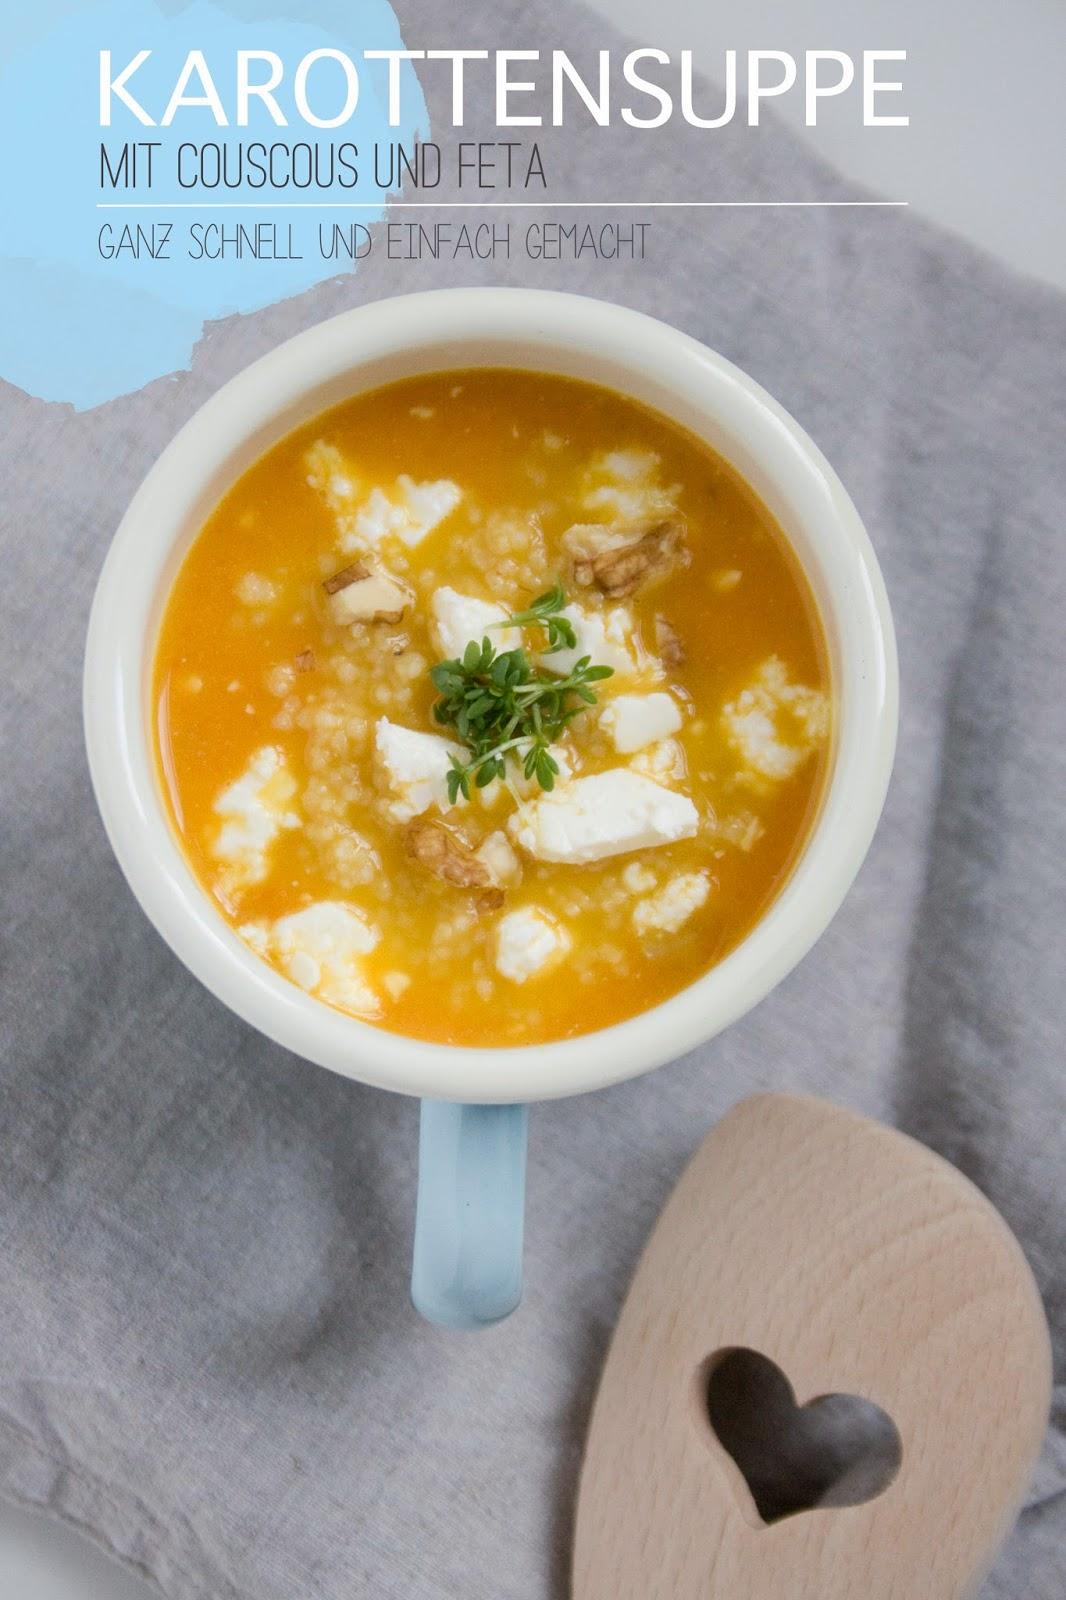 Karottensuppe mit Couscous und Feta